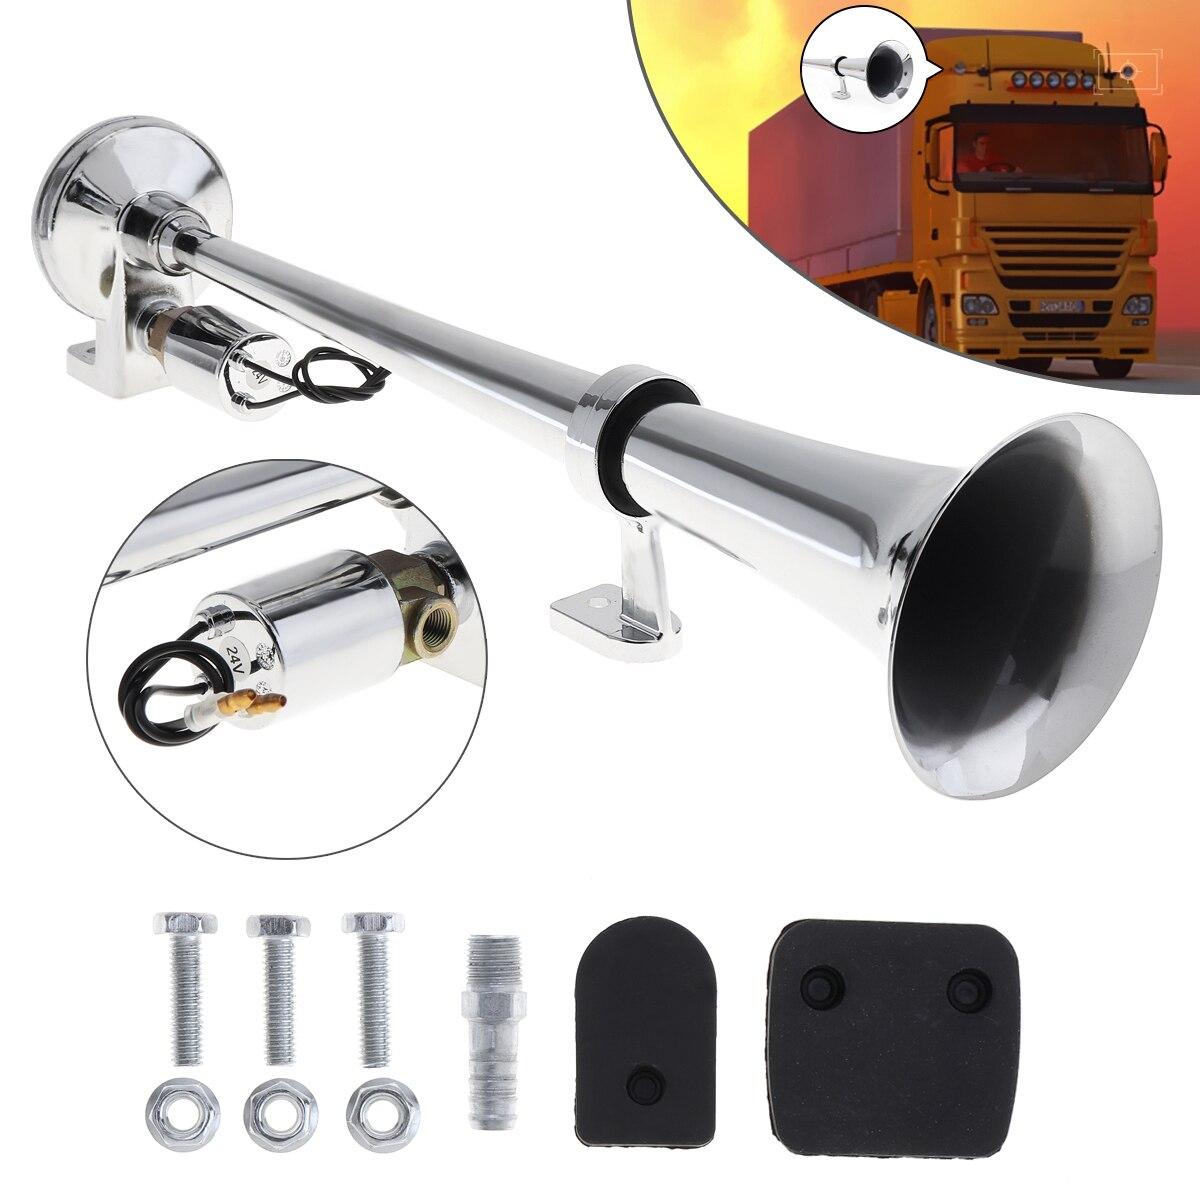 17 zoll 12 V/24 V 150dB Super Laut Einzigen Trompete Air Horn Kompressor für Automobil Auto Lkw Boot zug Lkw